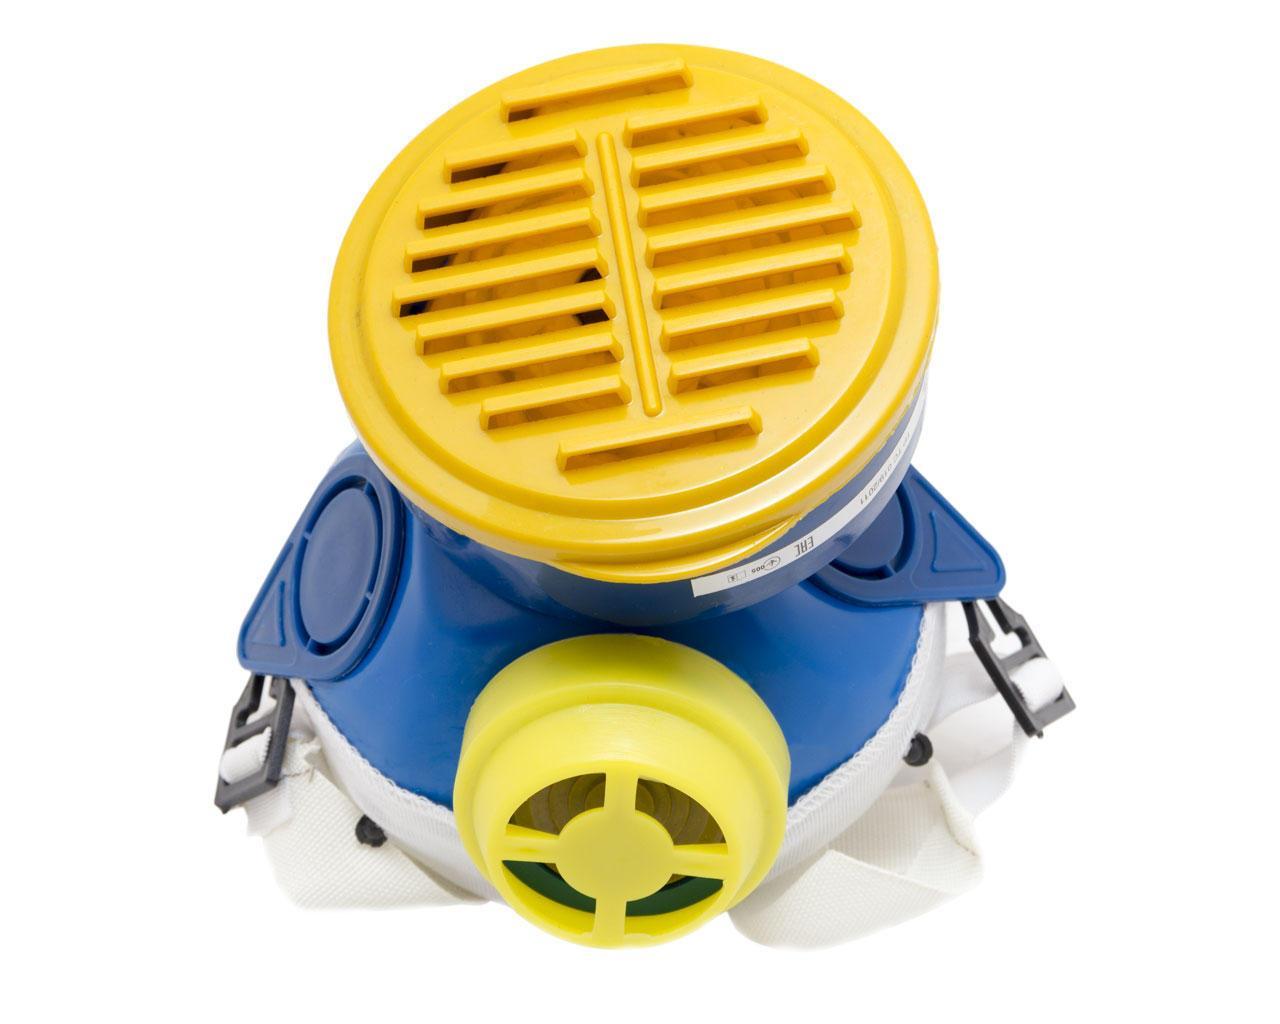 Респиратор Пульс-М с 1 фильтром (фильтр флизелин)